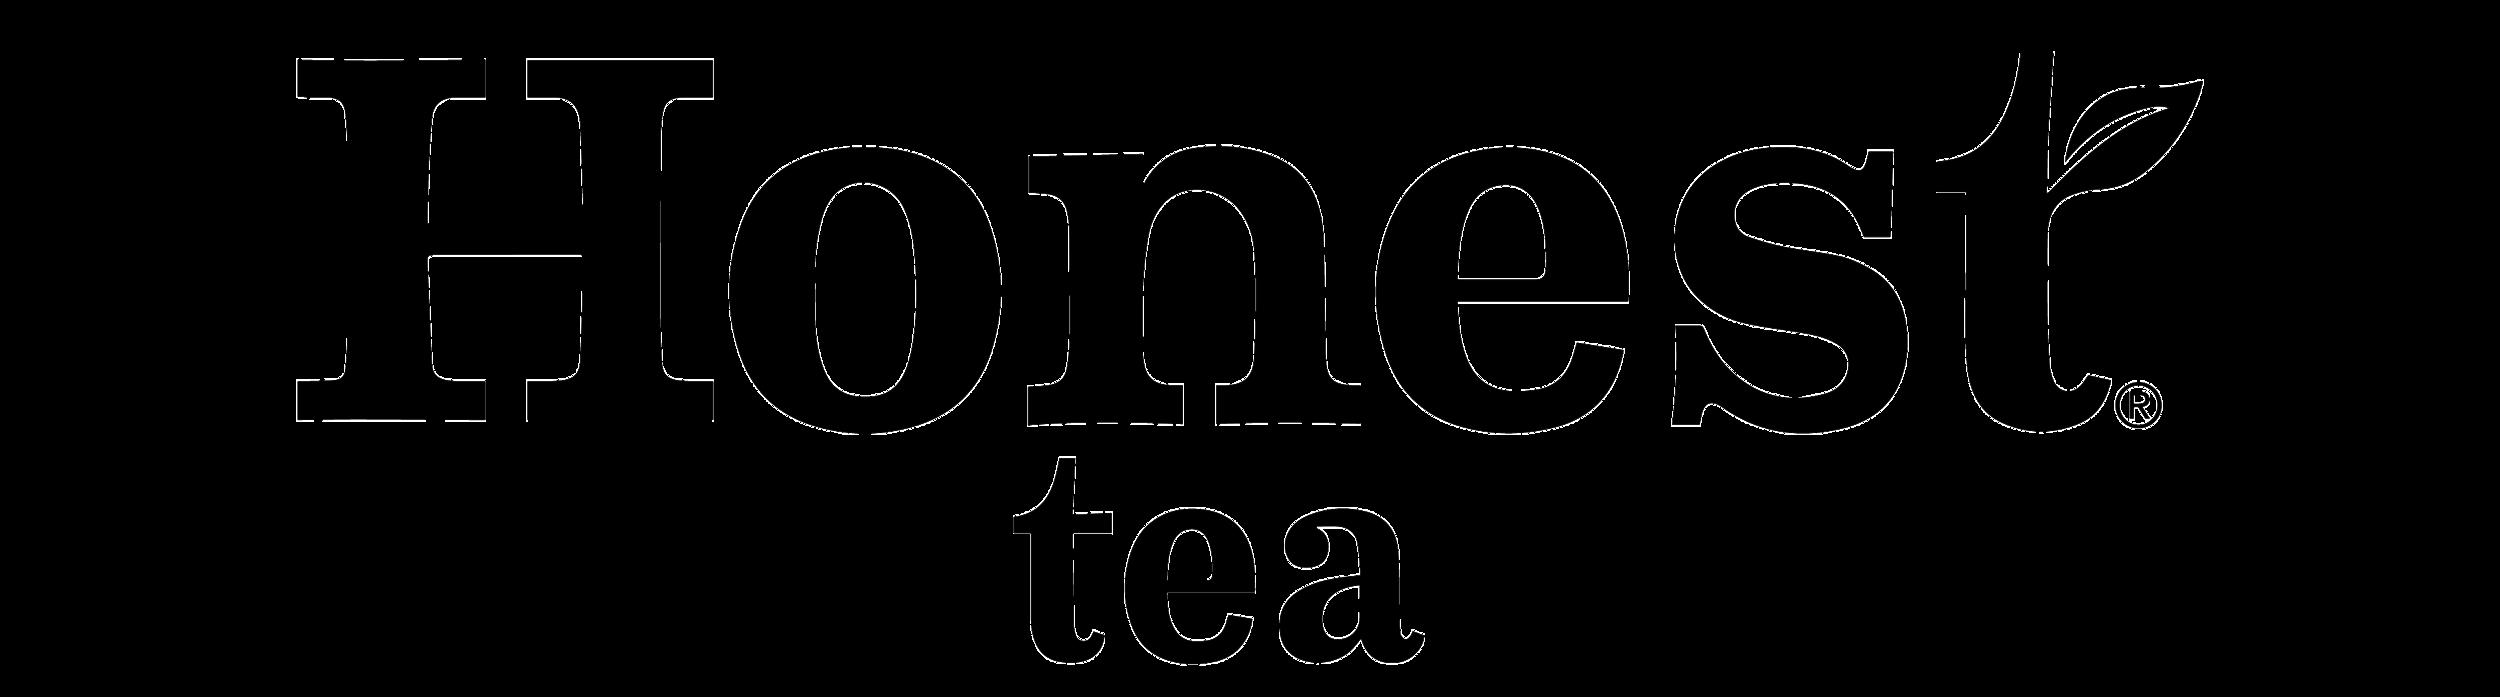 honest-tea-logo-02-1 copy.png